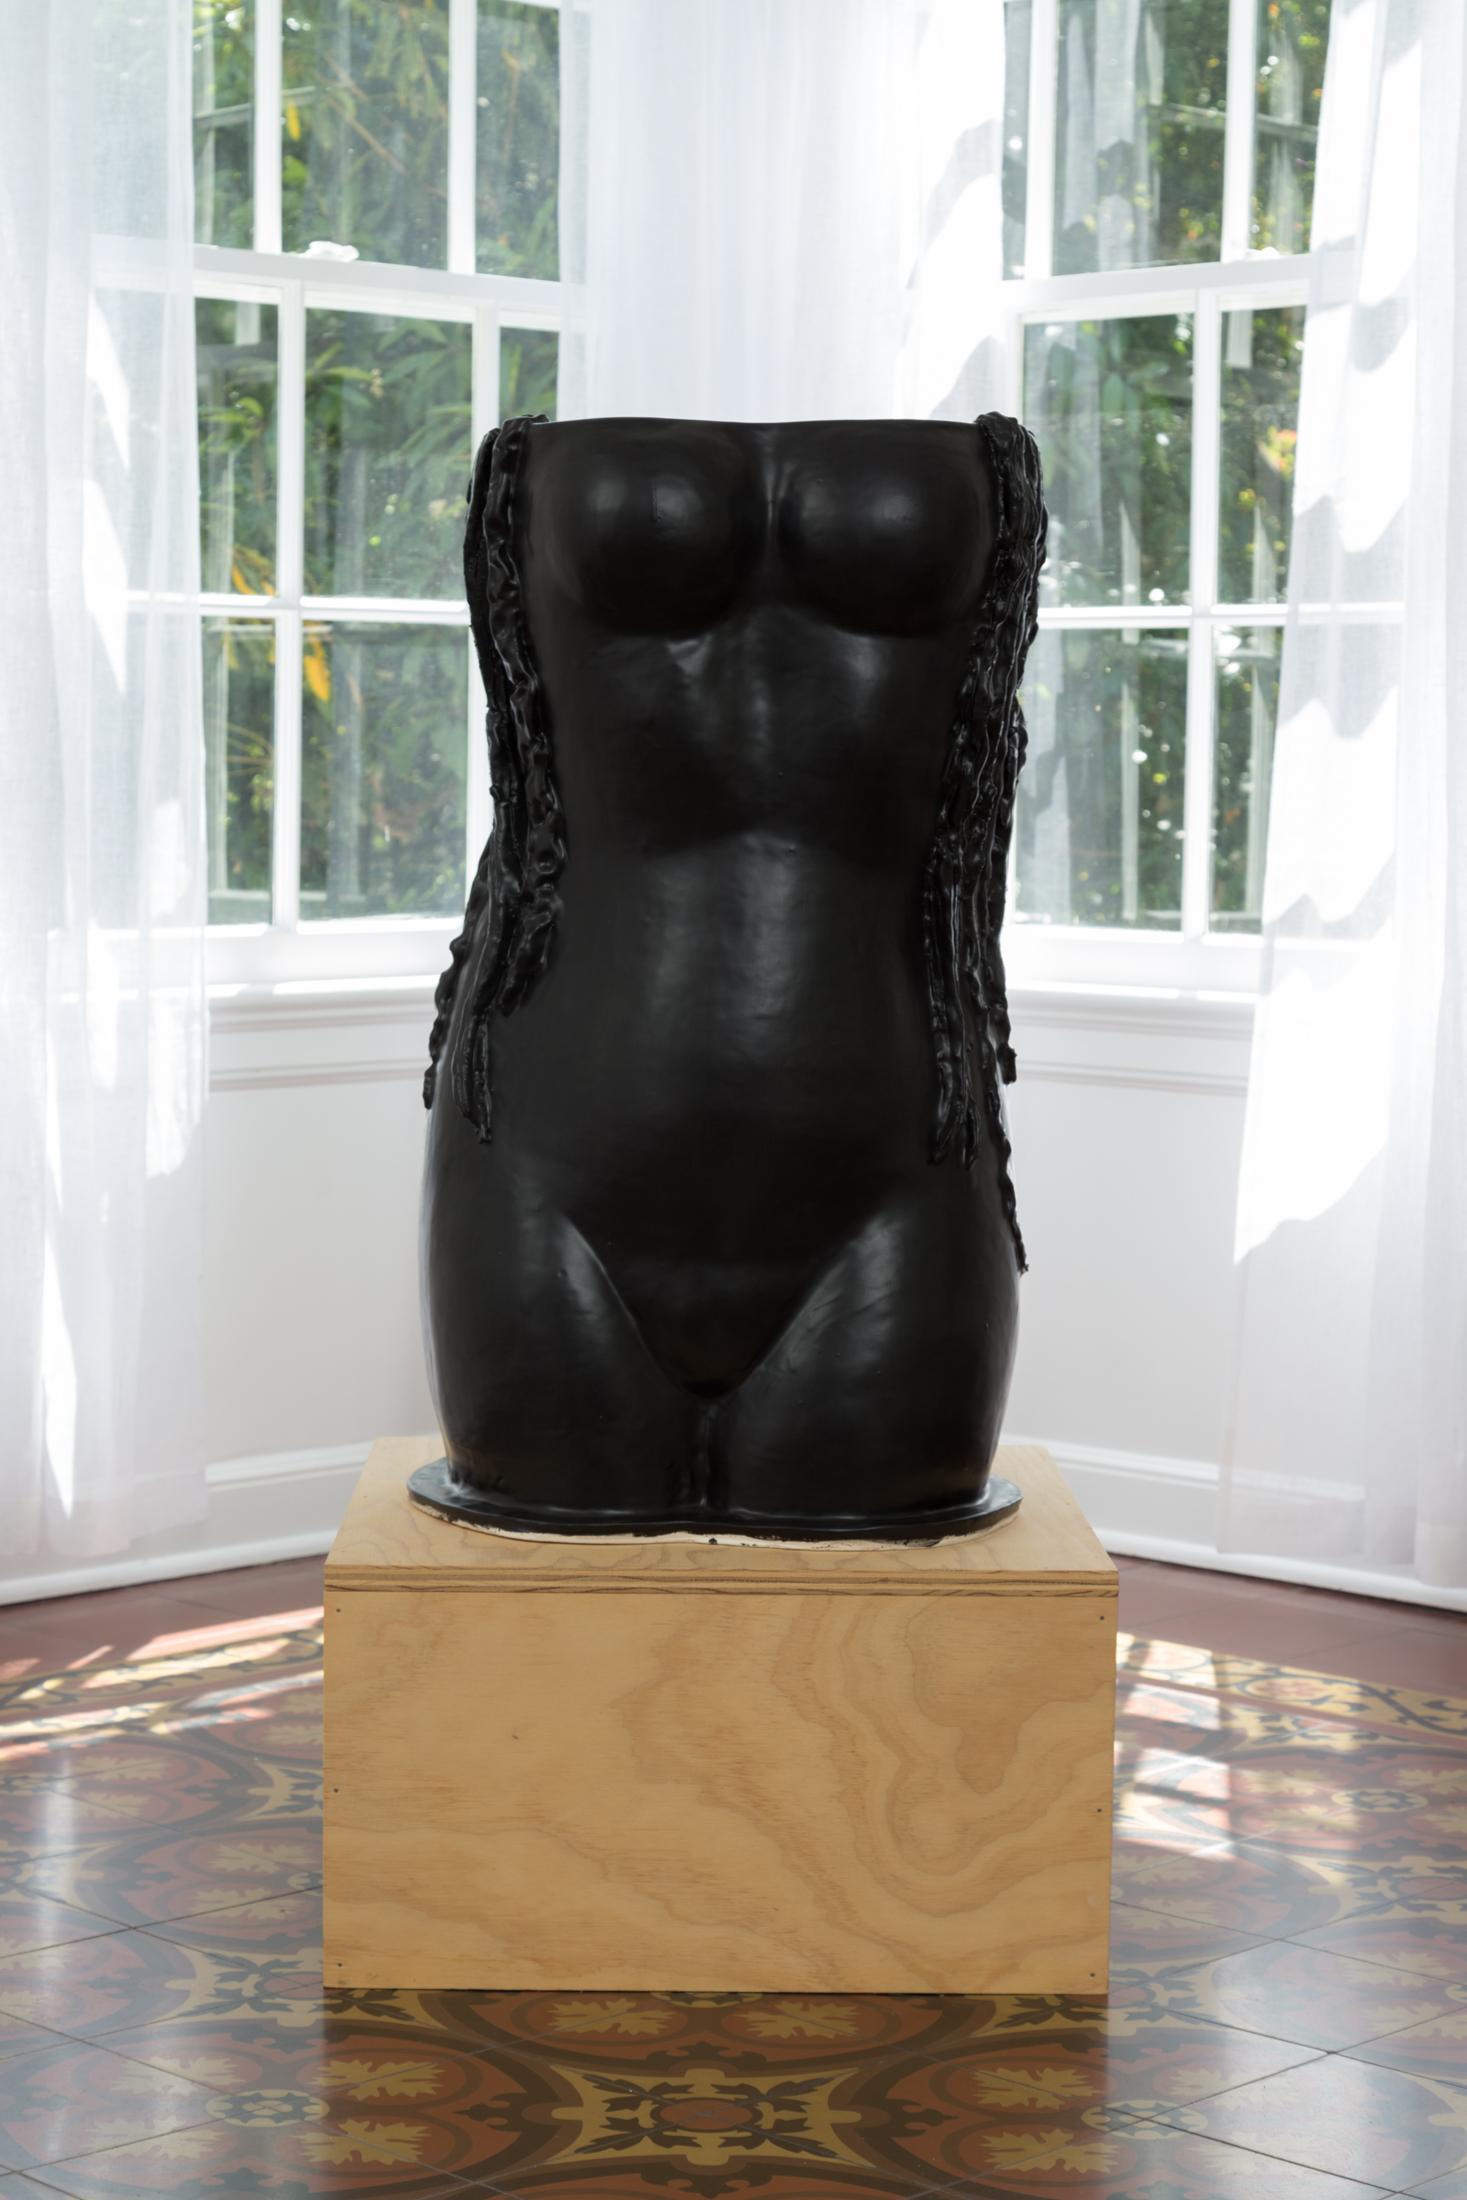 Amy Bessone,  S1.8 Siren, 2016 . Ceramic sculpture. (Sculpture: 32 in. x 20 in. x 19 in.) (Pedestal: 12 in. x 22 in. 22 in.)